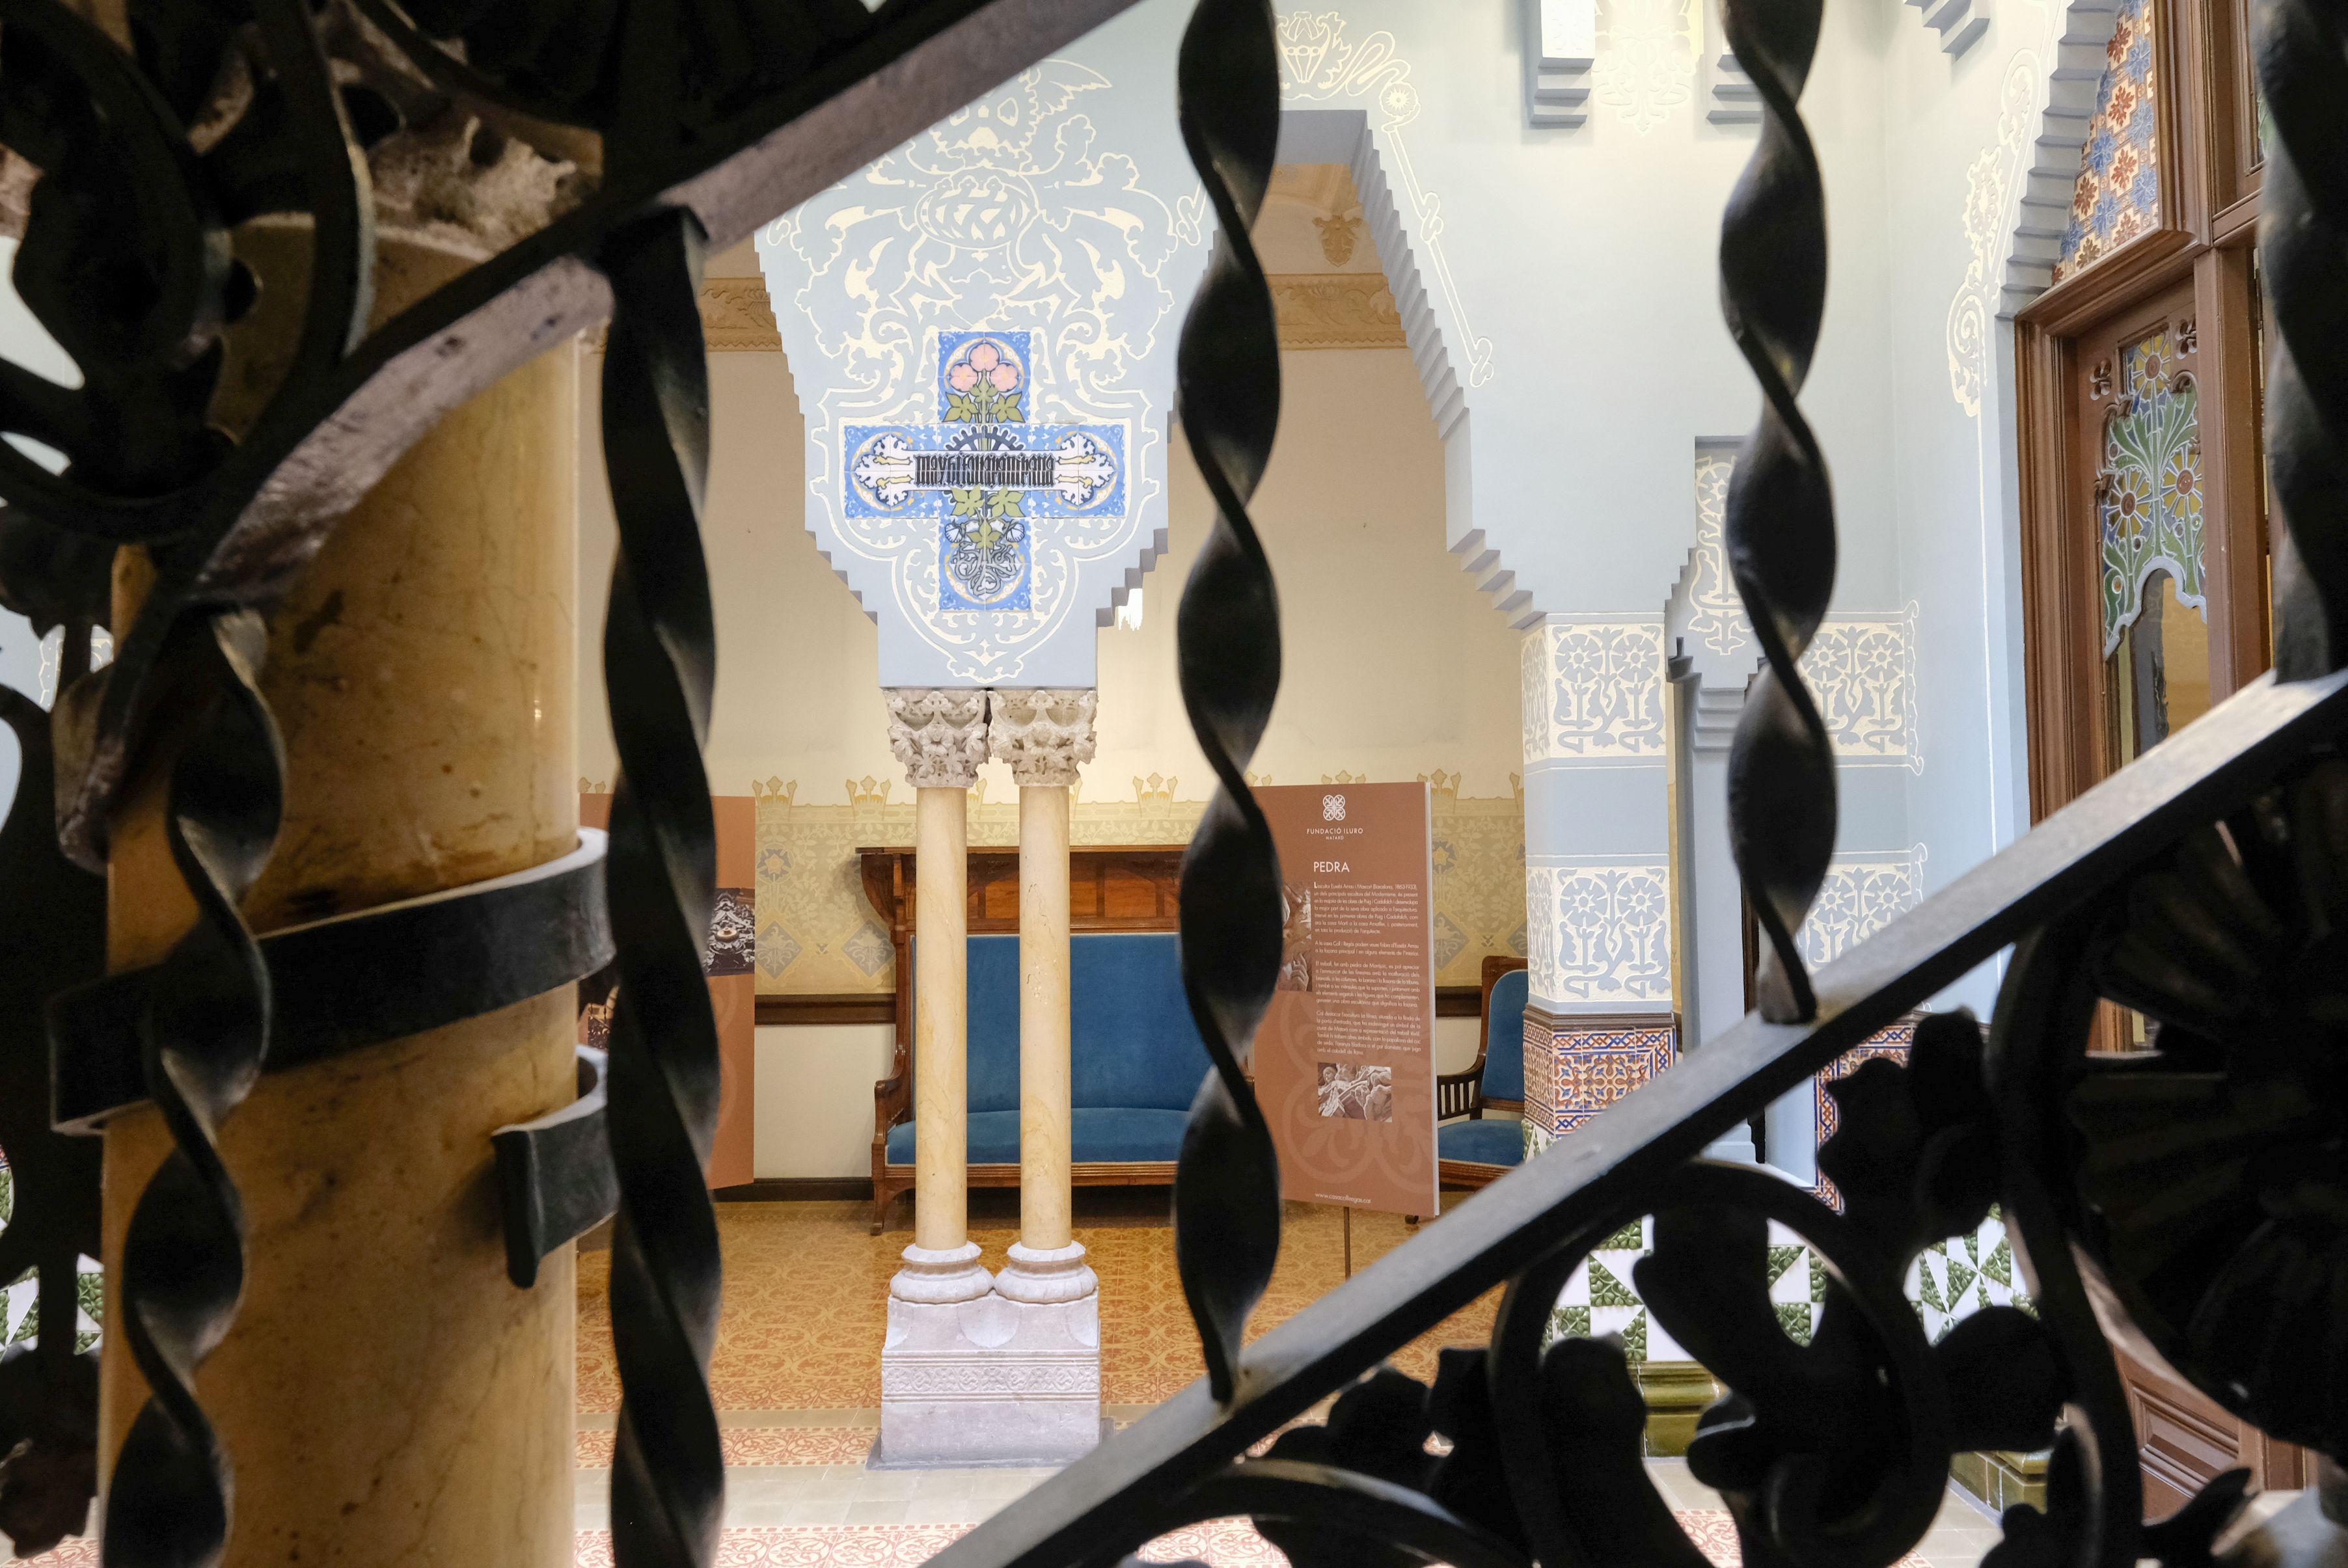 Detall de la Casa Coll i Regàs, obra de Puig i Cadafalch